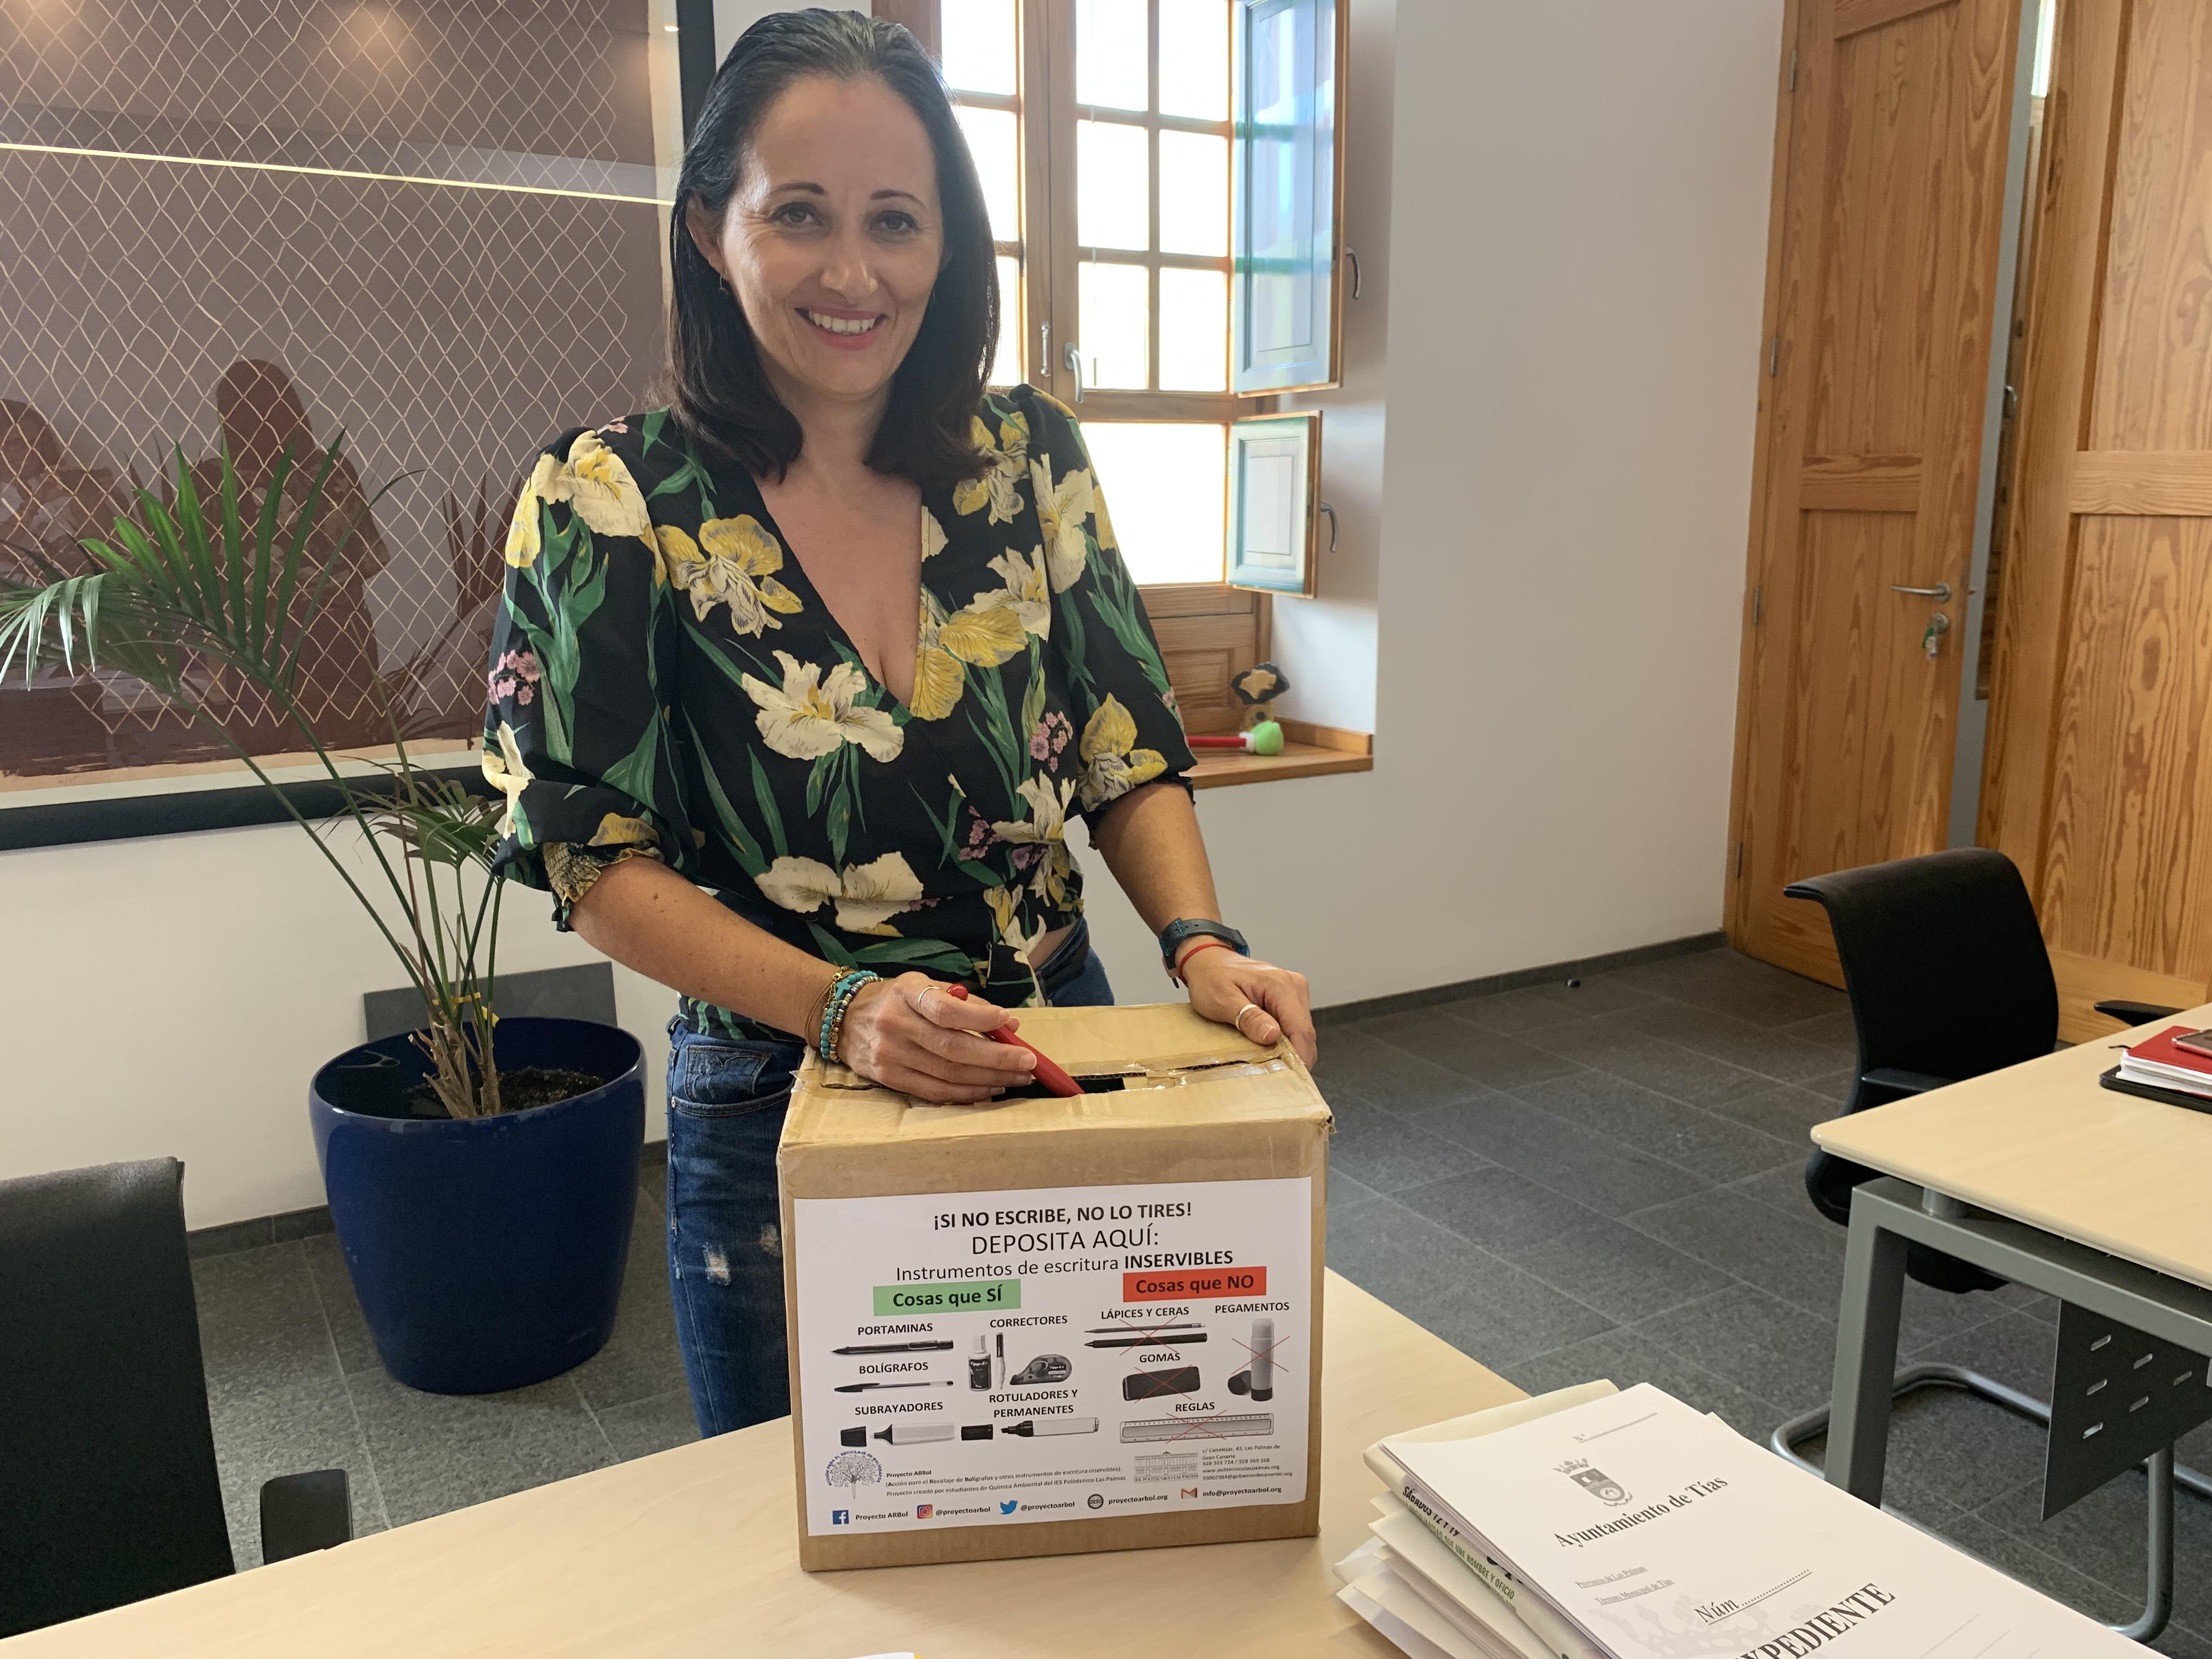 El Ayuntamiento de Tías participa en el Proyecto ARBol y coloca cajas para reciclar bolígrafos